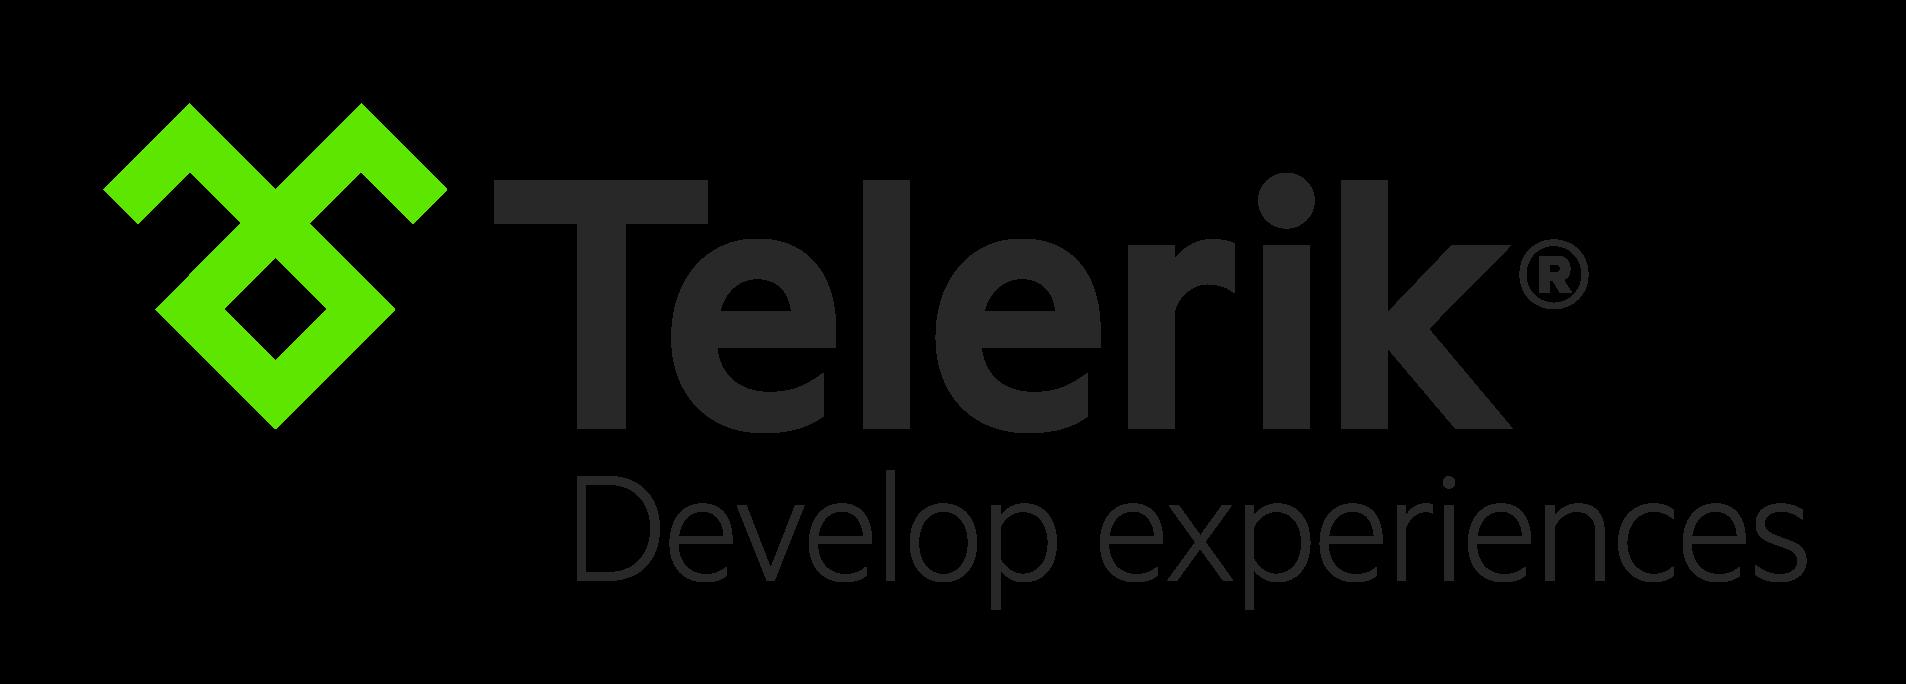 Telerik Platform Receives New Cloud Mobile Development Features